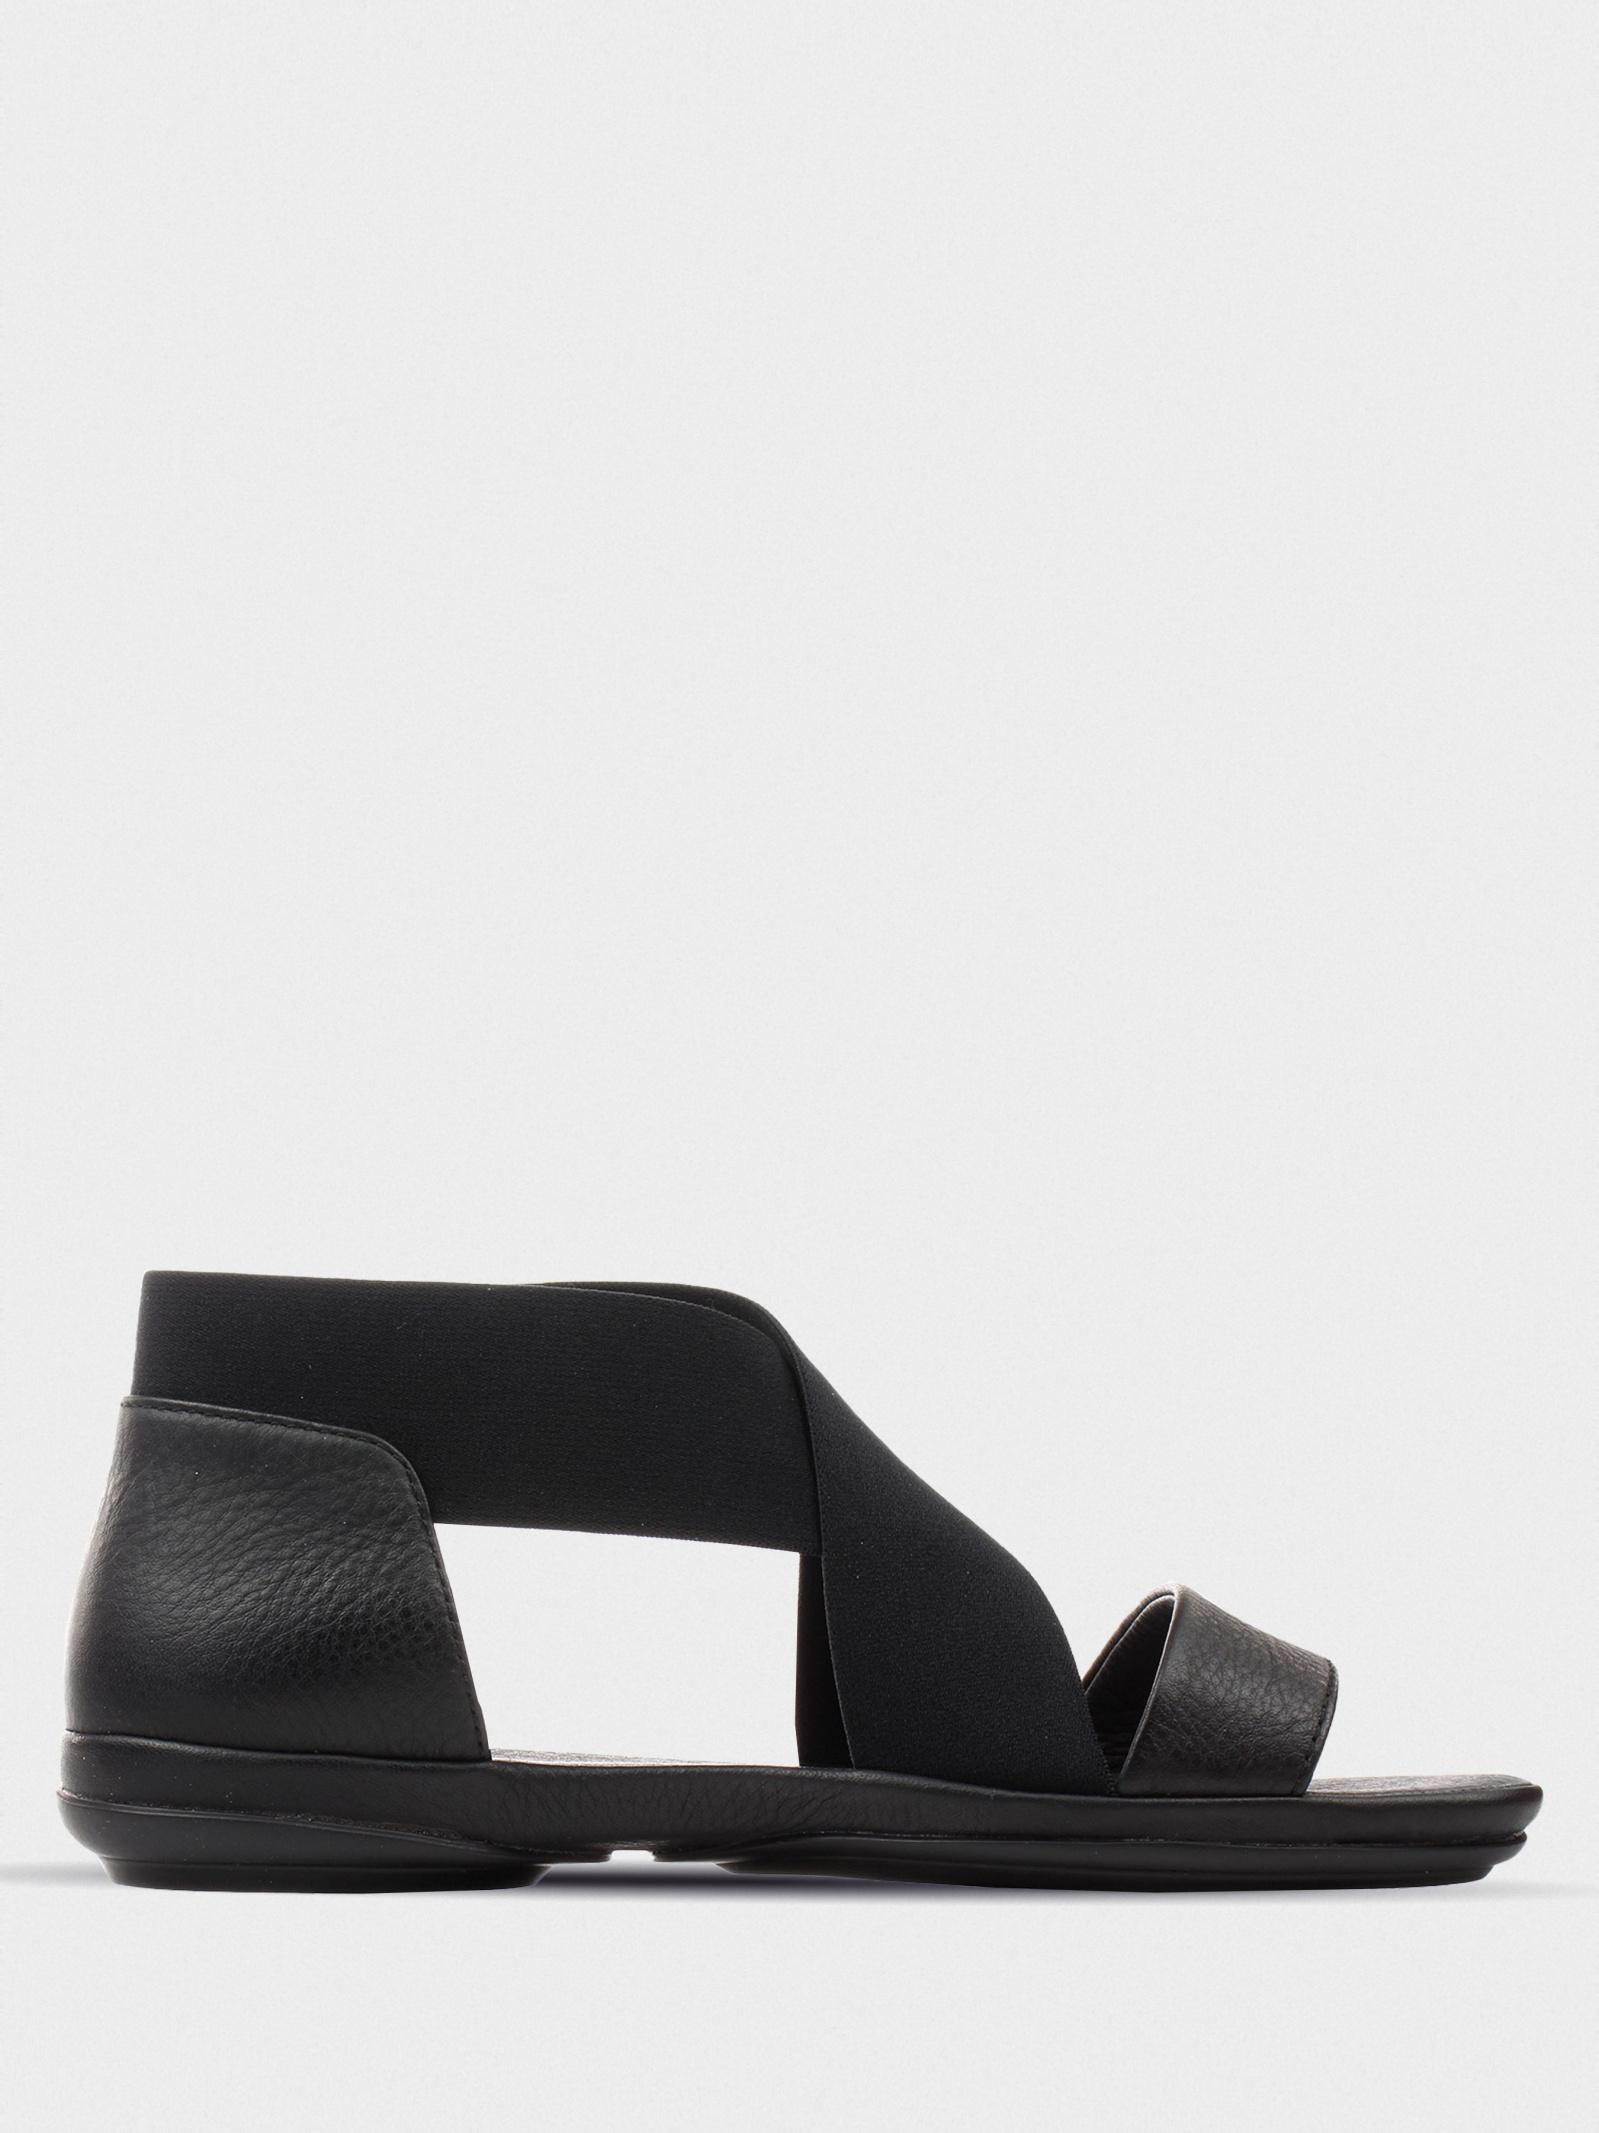 Сандалии женские Camper Right Nina AW1117 брендовая обувь, 2017